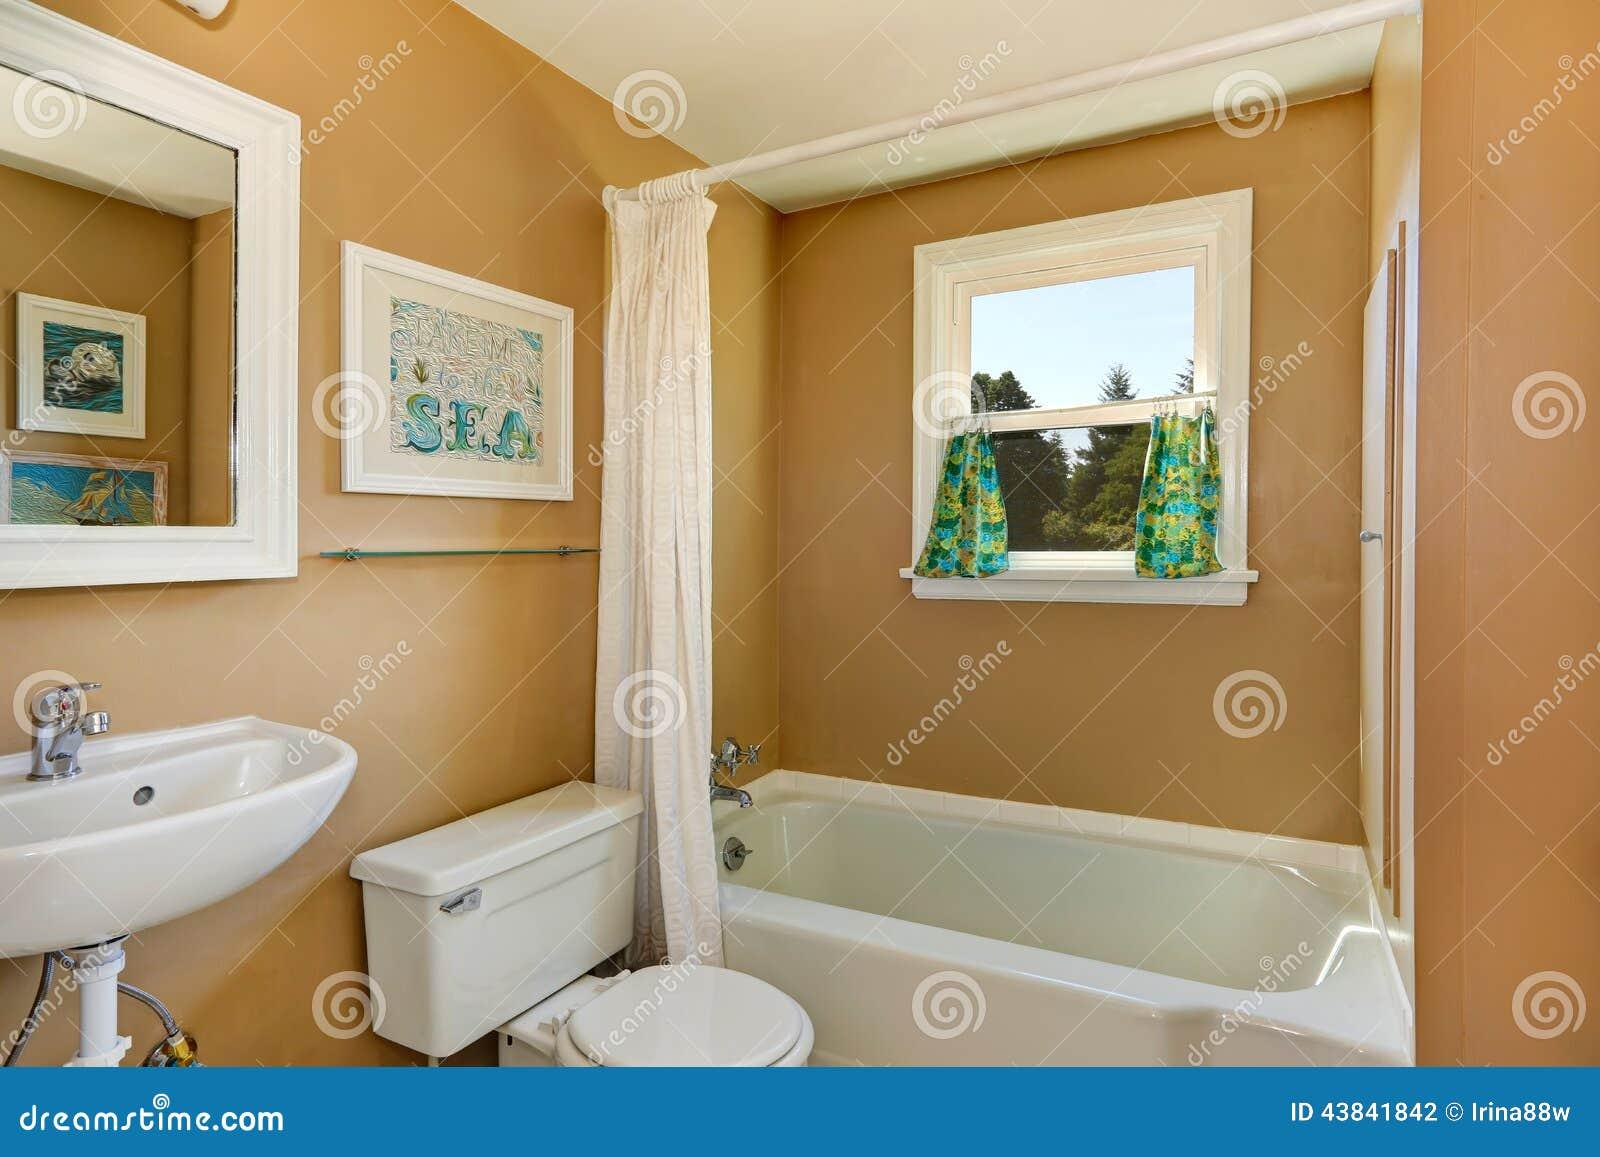 Einfacher Badezimmerinnenraum Mit Kleinem Fenster Und Weißem Badvorhang